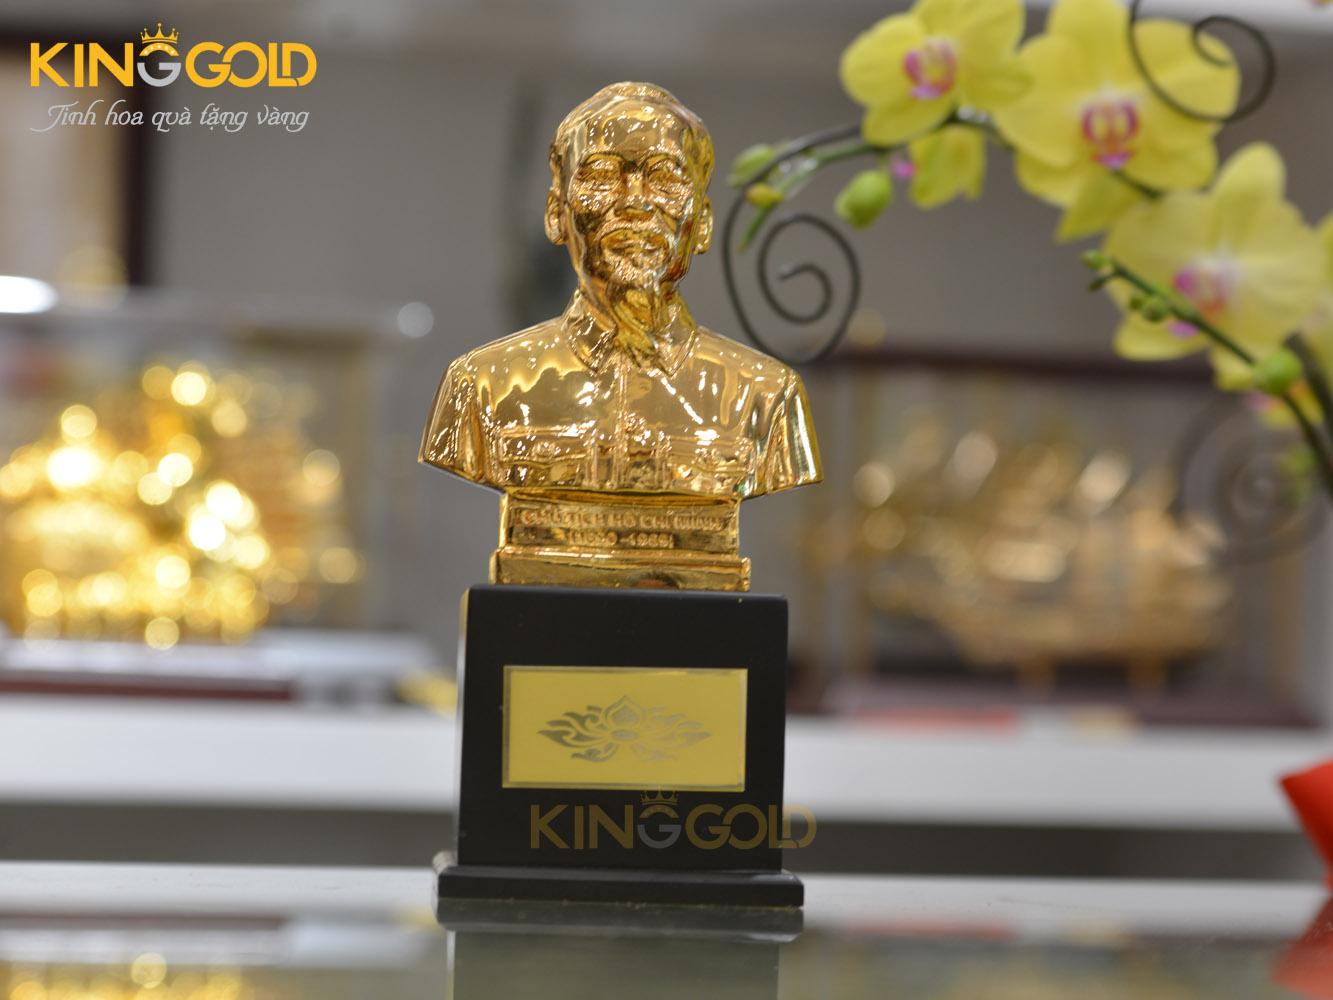 Công ty quà tặng vàng, chế tác quà lưu niệm đại hội ý nghĩa